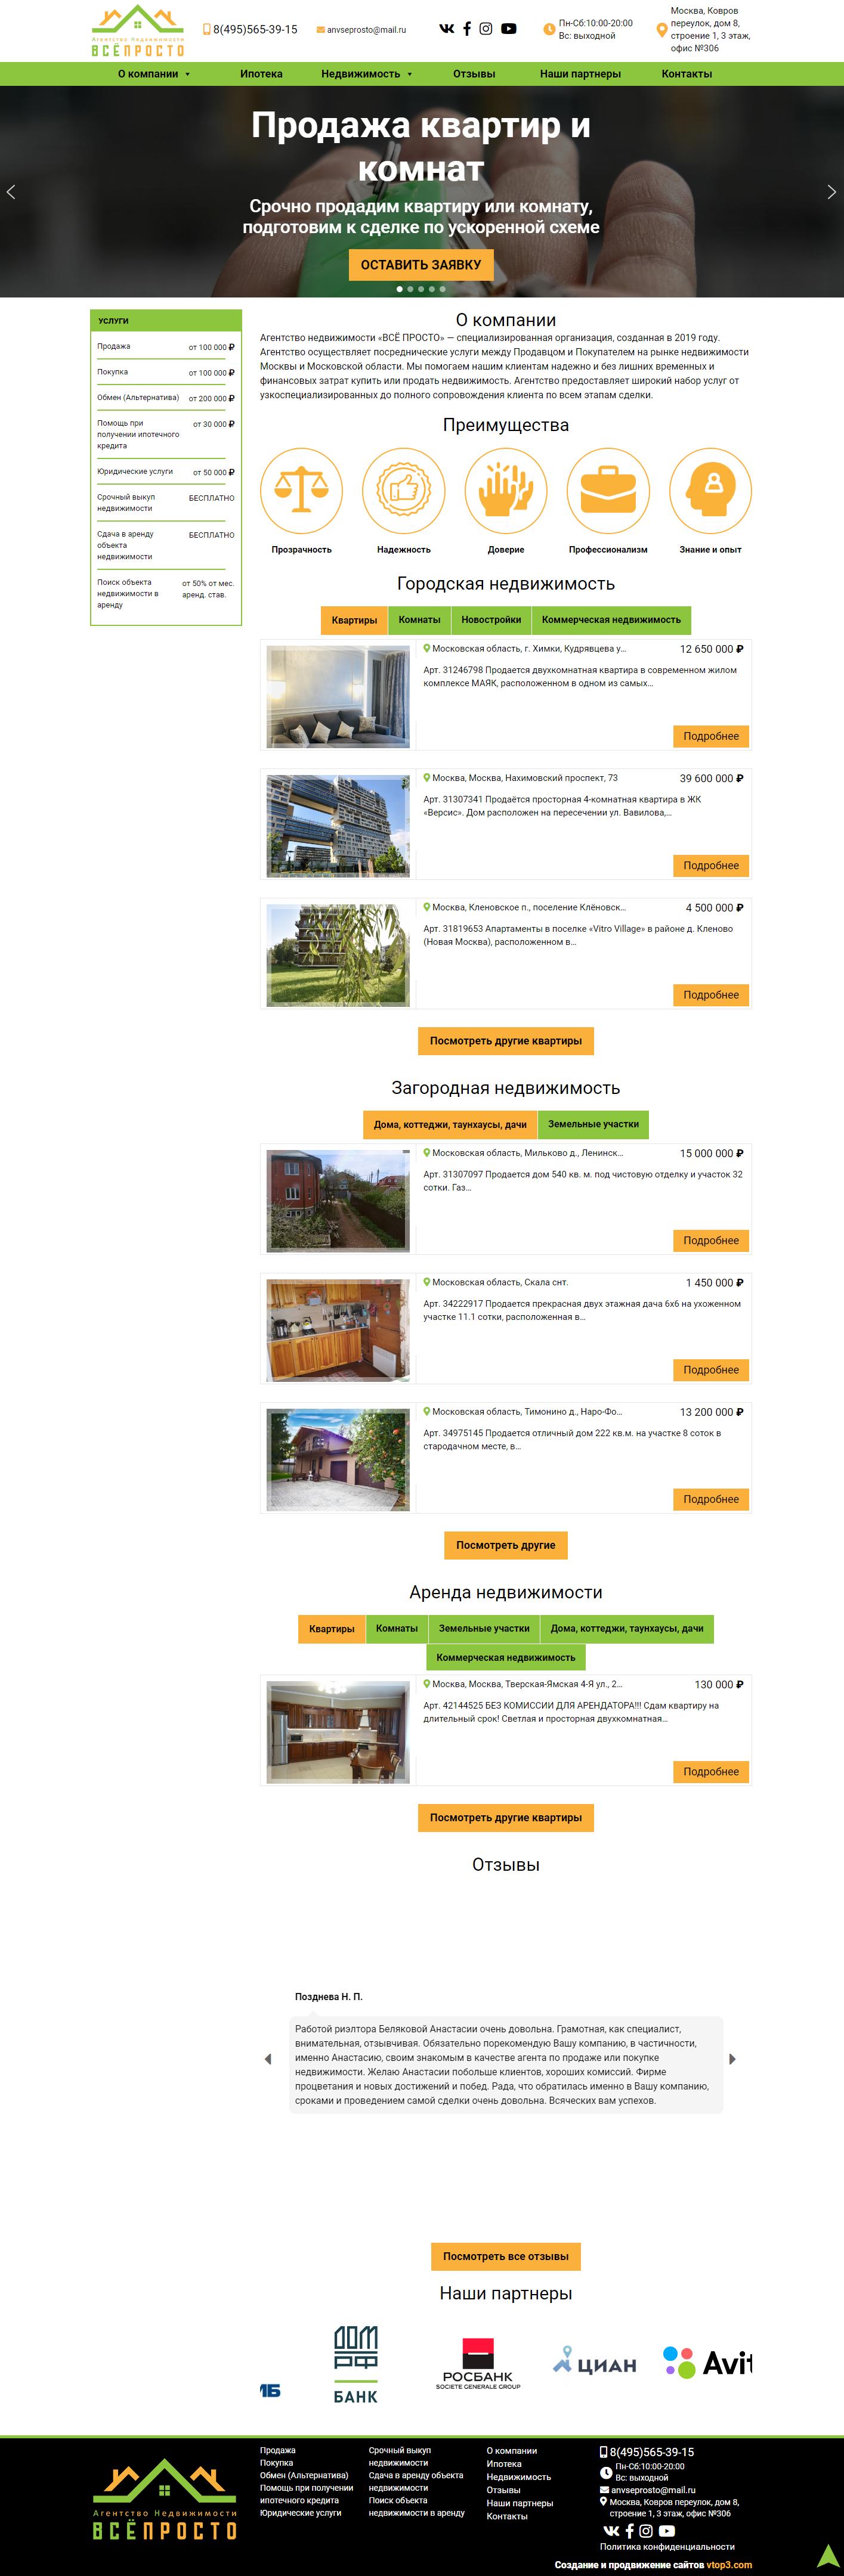 Создание сайта для агентства недвижимости